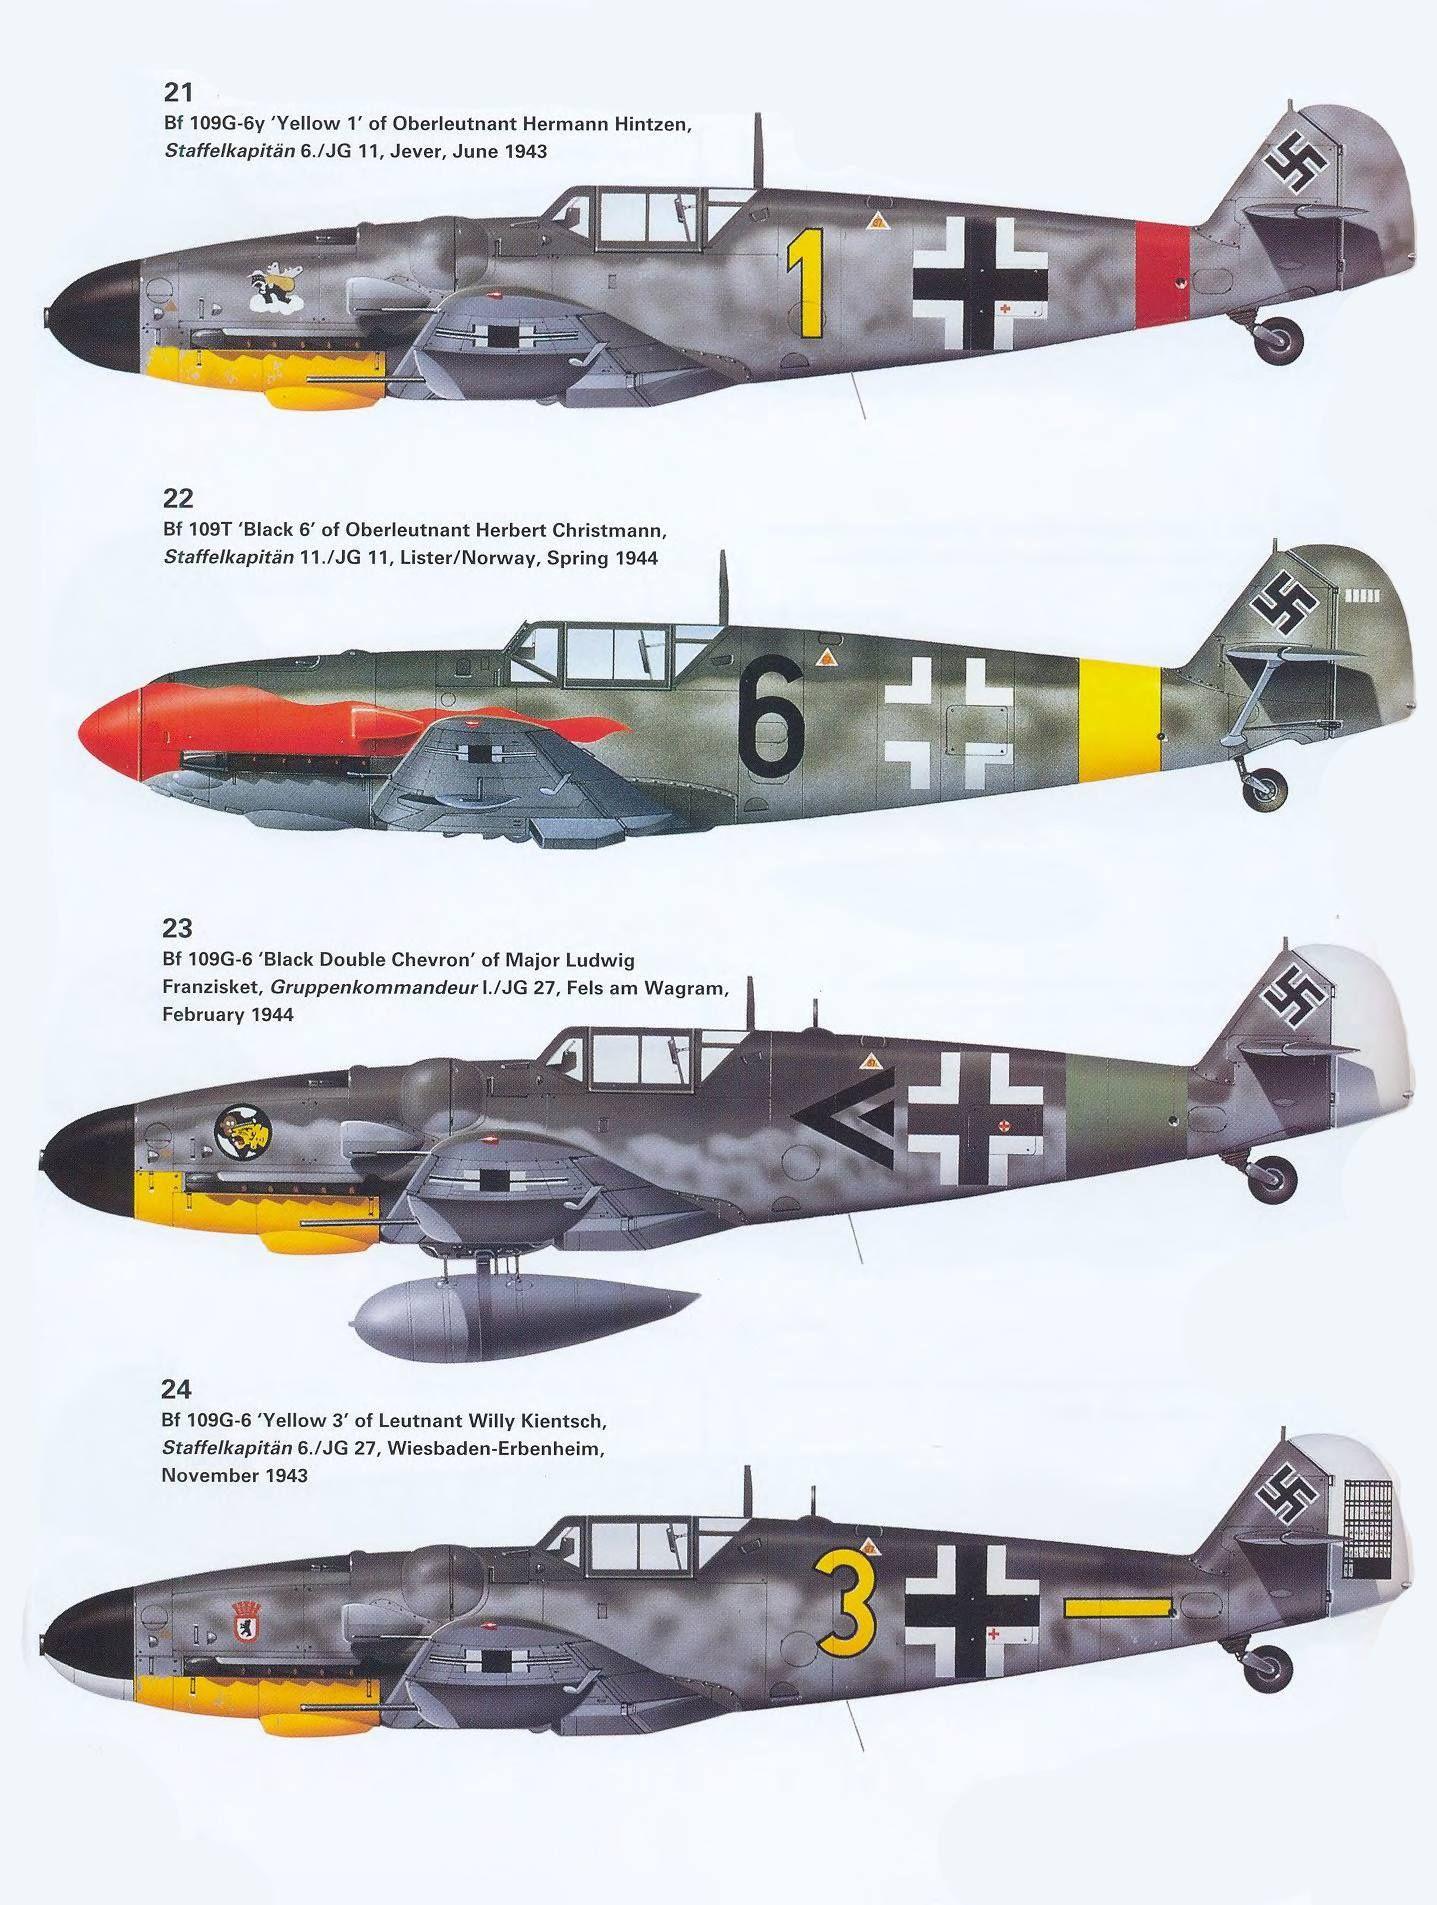 Luftwaffe Bf 109 | Luftwaffe planes, Luftwaffe, Wwii fighters